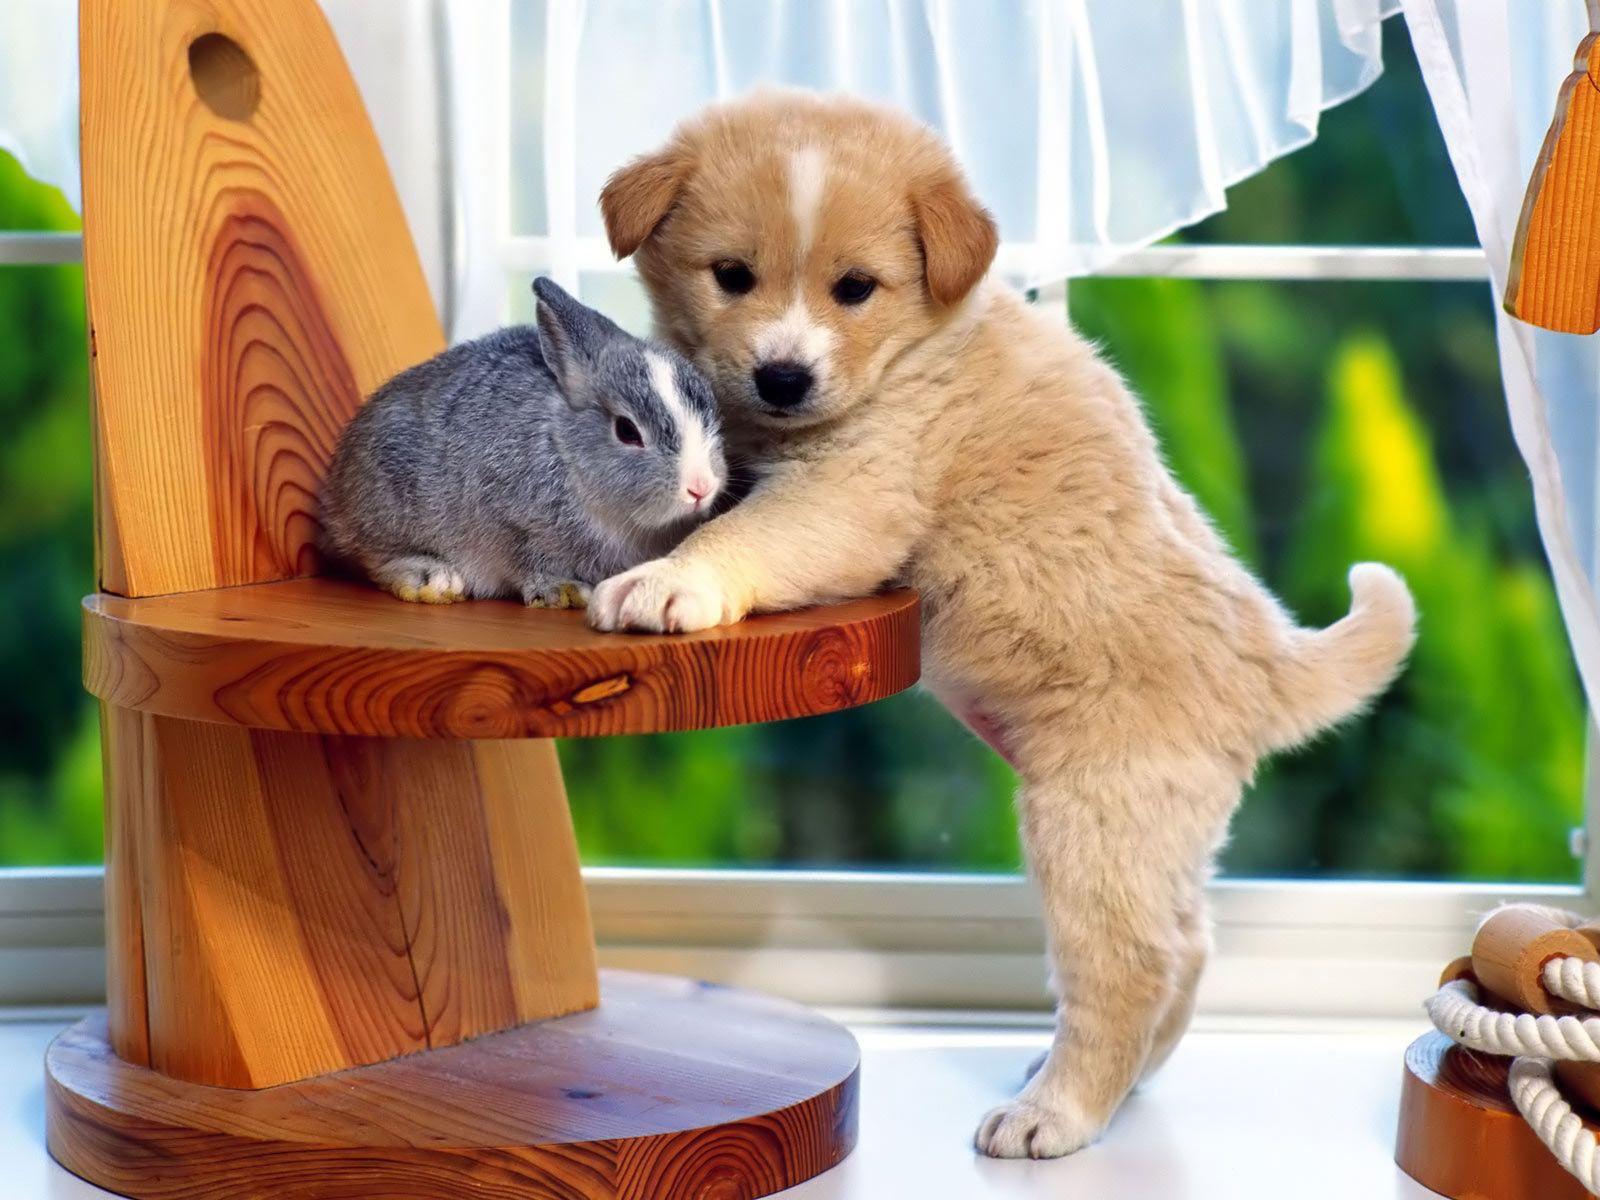 Pets Smart Con Imagenes Fotos De Animales Tiernos Animales Bebes Animales